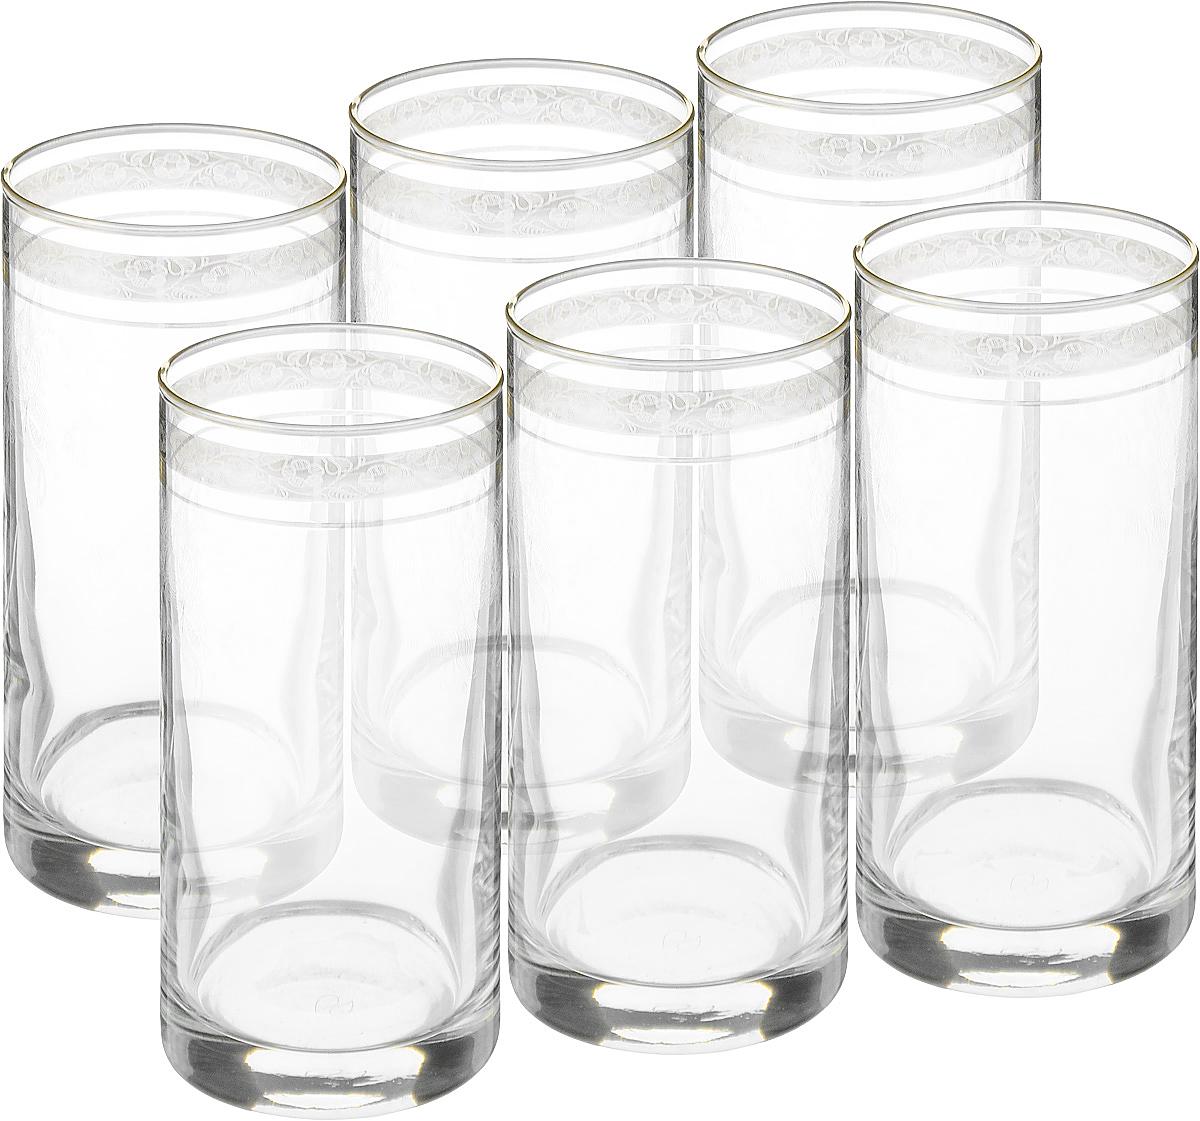 Набор стаканов Гусь Хрустальный Нежность, 350 мл, 6 шт. TL34-402VT-1520(SR)Набор Гусь-Хрустальный Нежность состоит из 6 стаканов с толстым дном, изготовленных из высококачественного натрий-кальций-силикатного стекла. Изделия оформлены красивым зеркальным покрытием и широкой окантовкой с цветочным узором. Стаканы предназначены для подачи виски. Такой набор прекрасно дополнит праздничный стол и станет желанным подарком в любом доме. Диаметр стакана (по верхнему краю): 6,3 см. Высота стакана: 15,5 см.